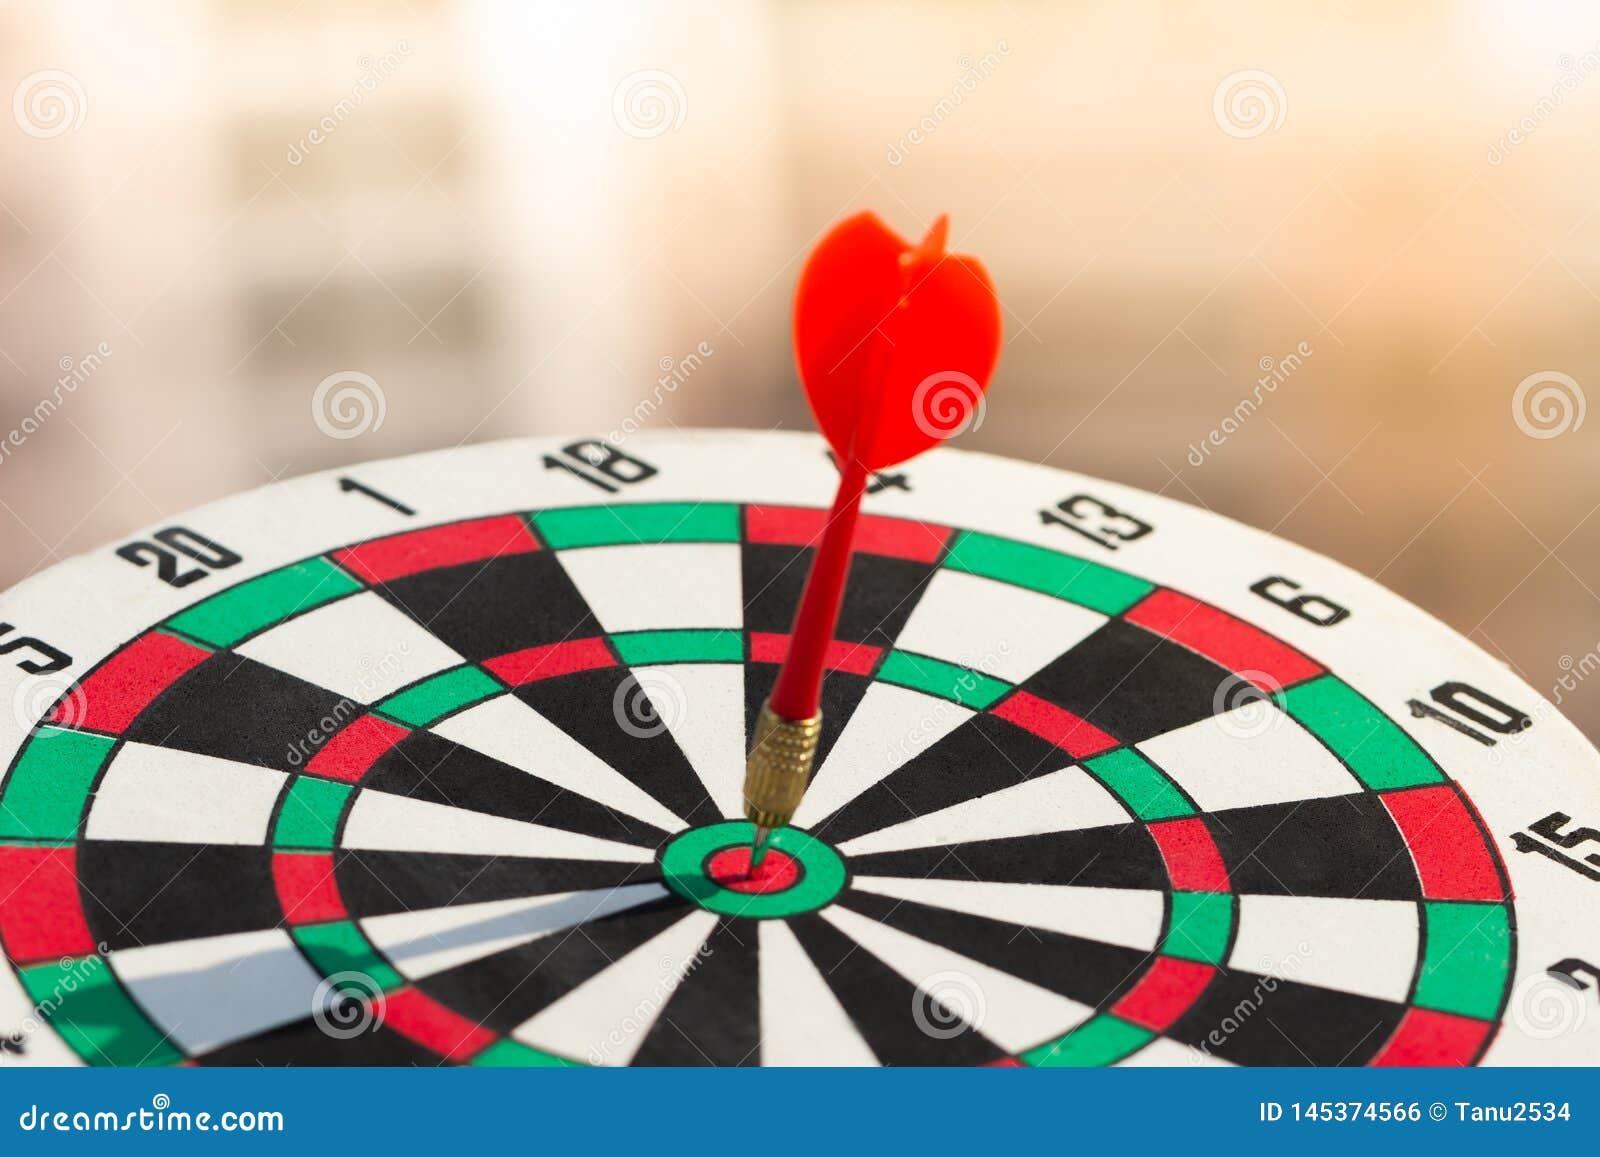 Pijltjespijl die in het doelcentrum raken van dartboard concepten bedrijfsdoel aan marketing succes